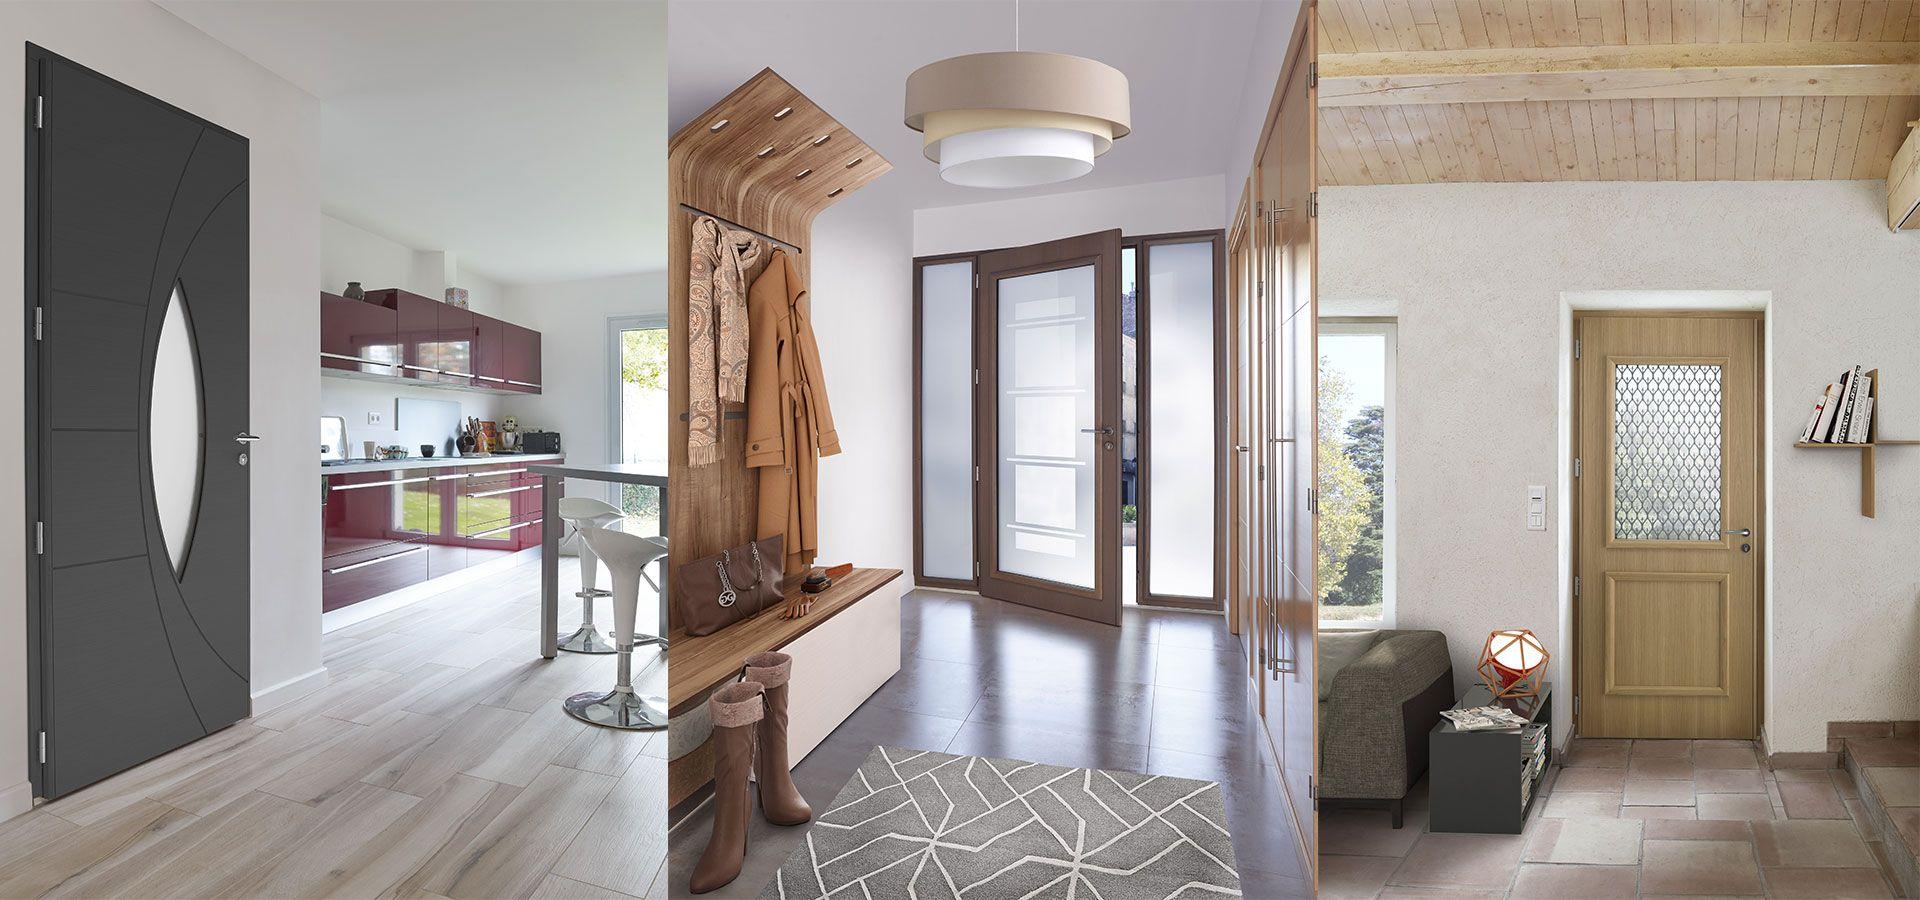 porte d entr e mixte bois aluminium zilten triple son. Black Bedroom Furniture Sets. Home Design Ideas